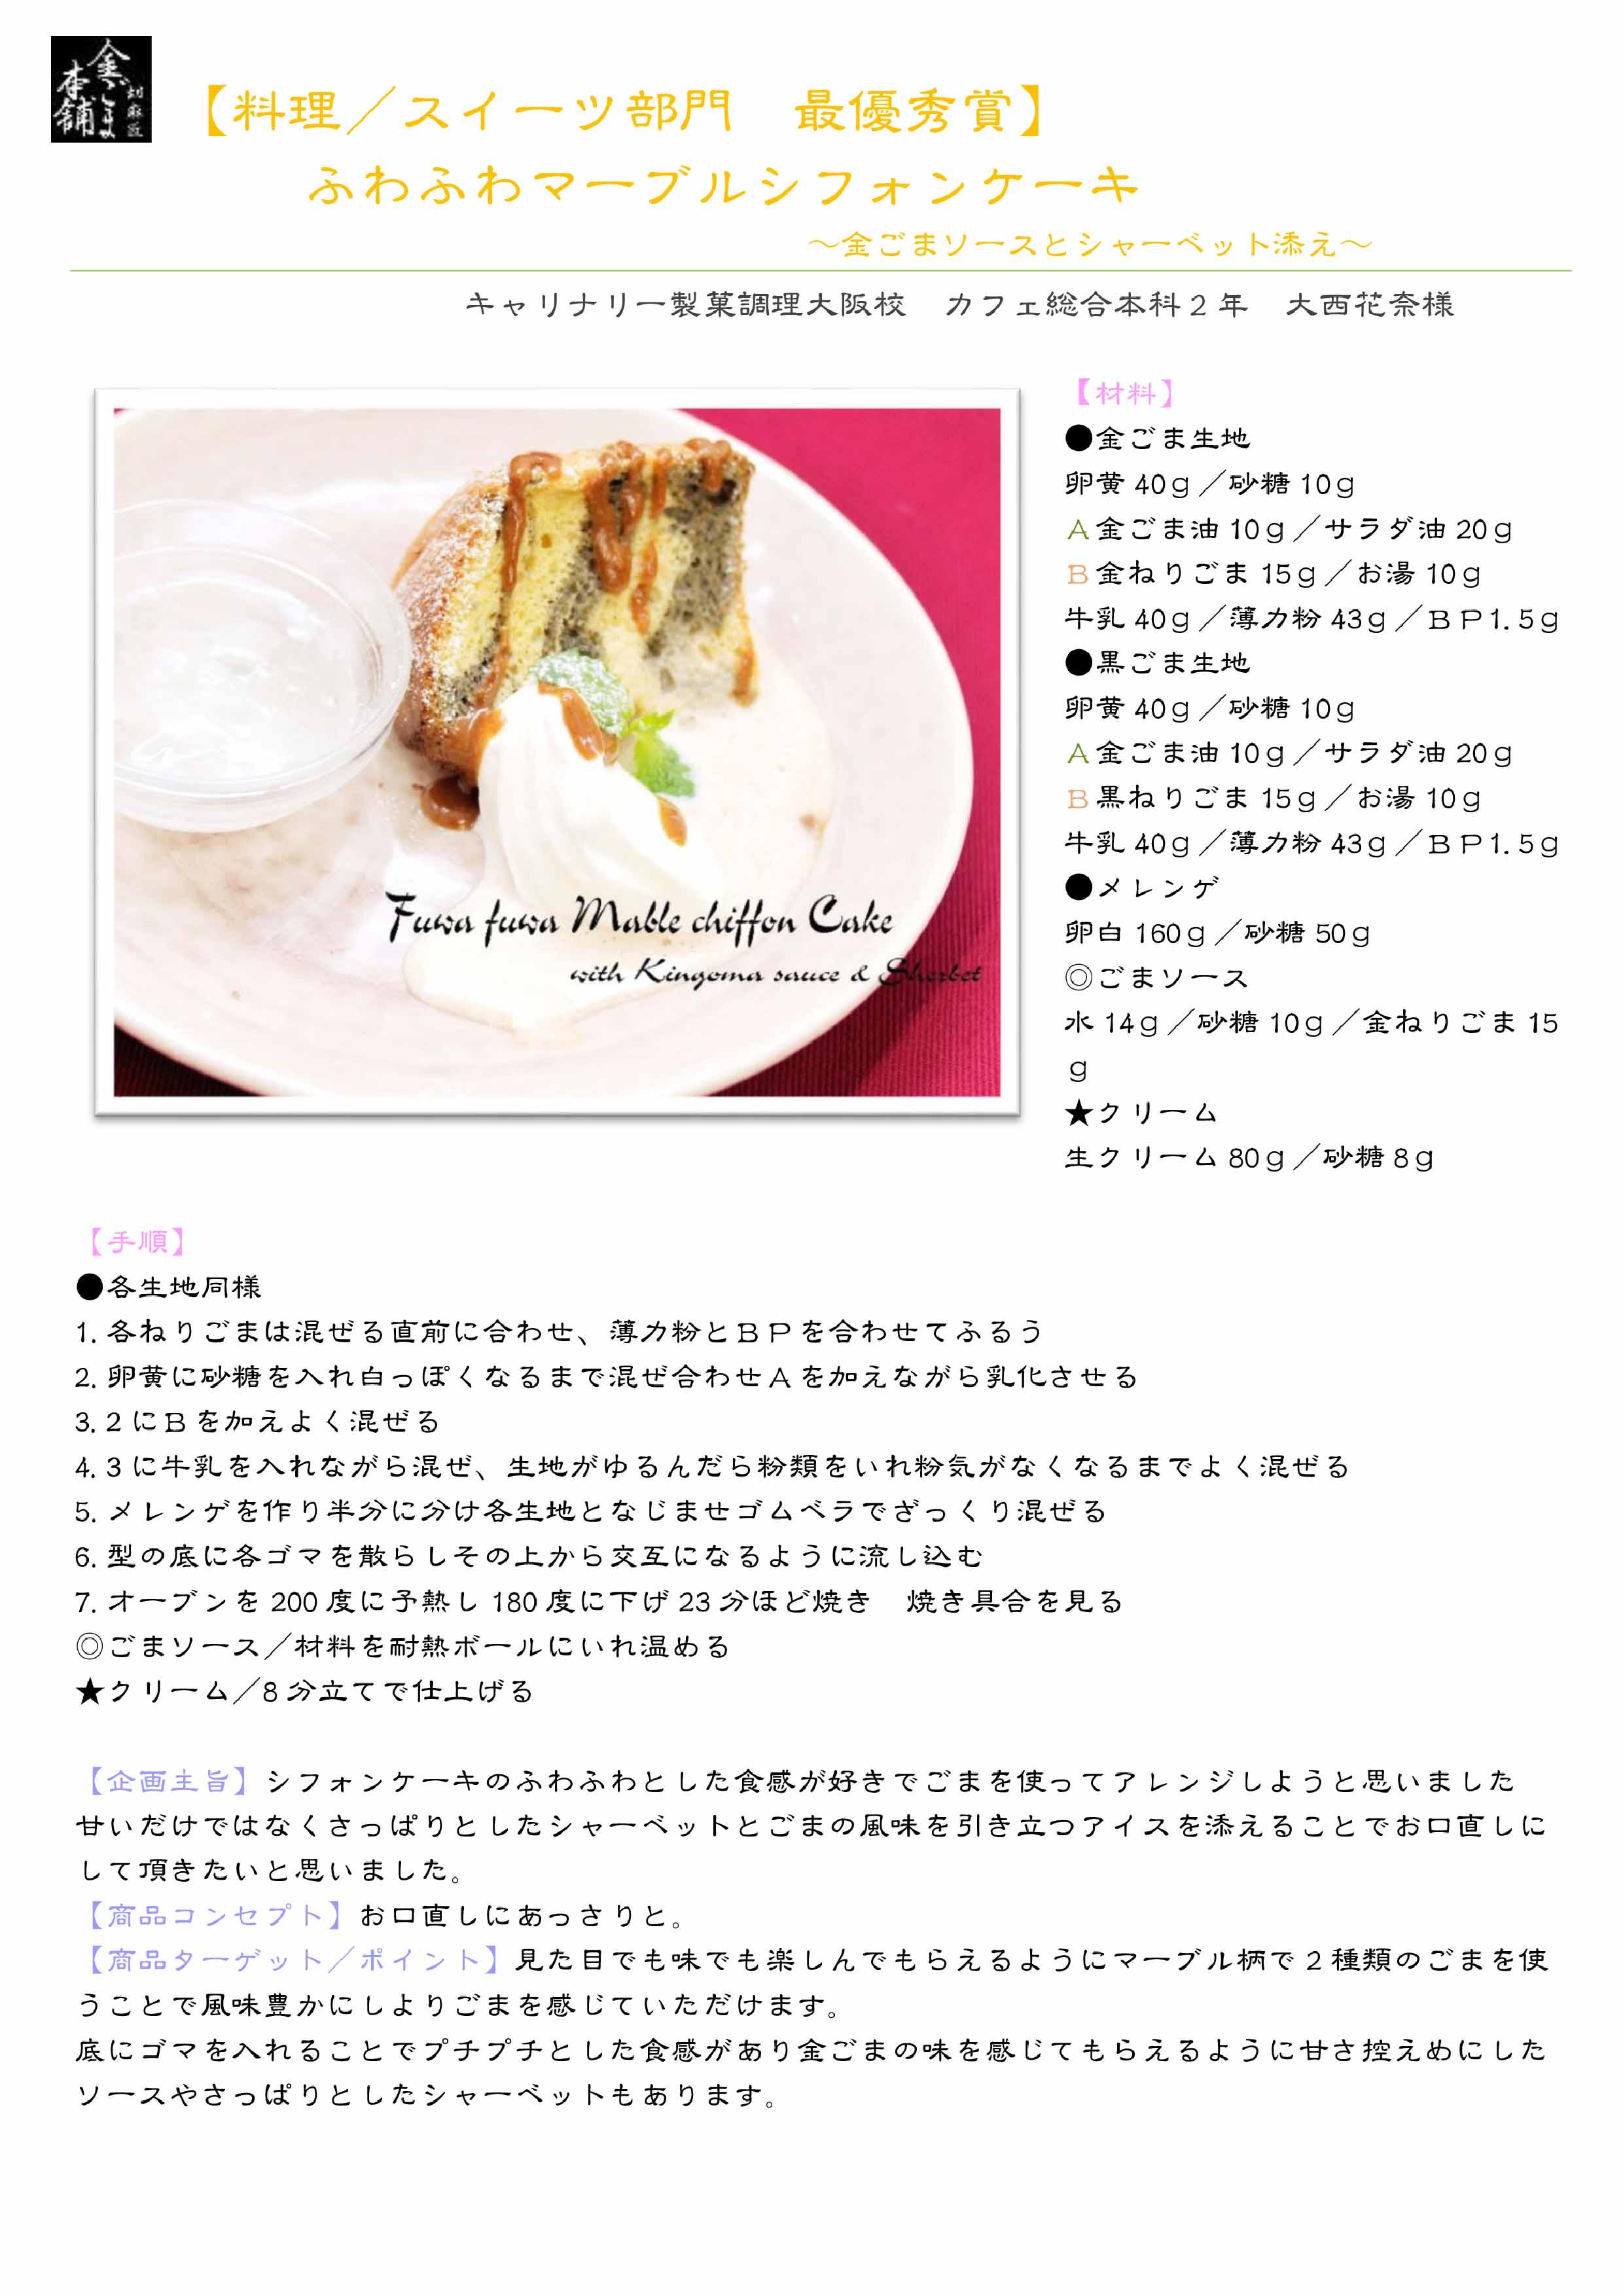 ふわふわマーブルシフォンケーキ~金ごまソースとシャーベット添え~